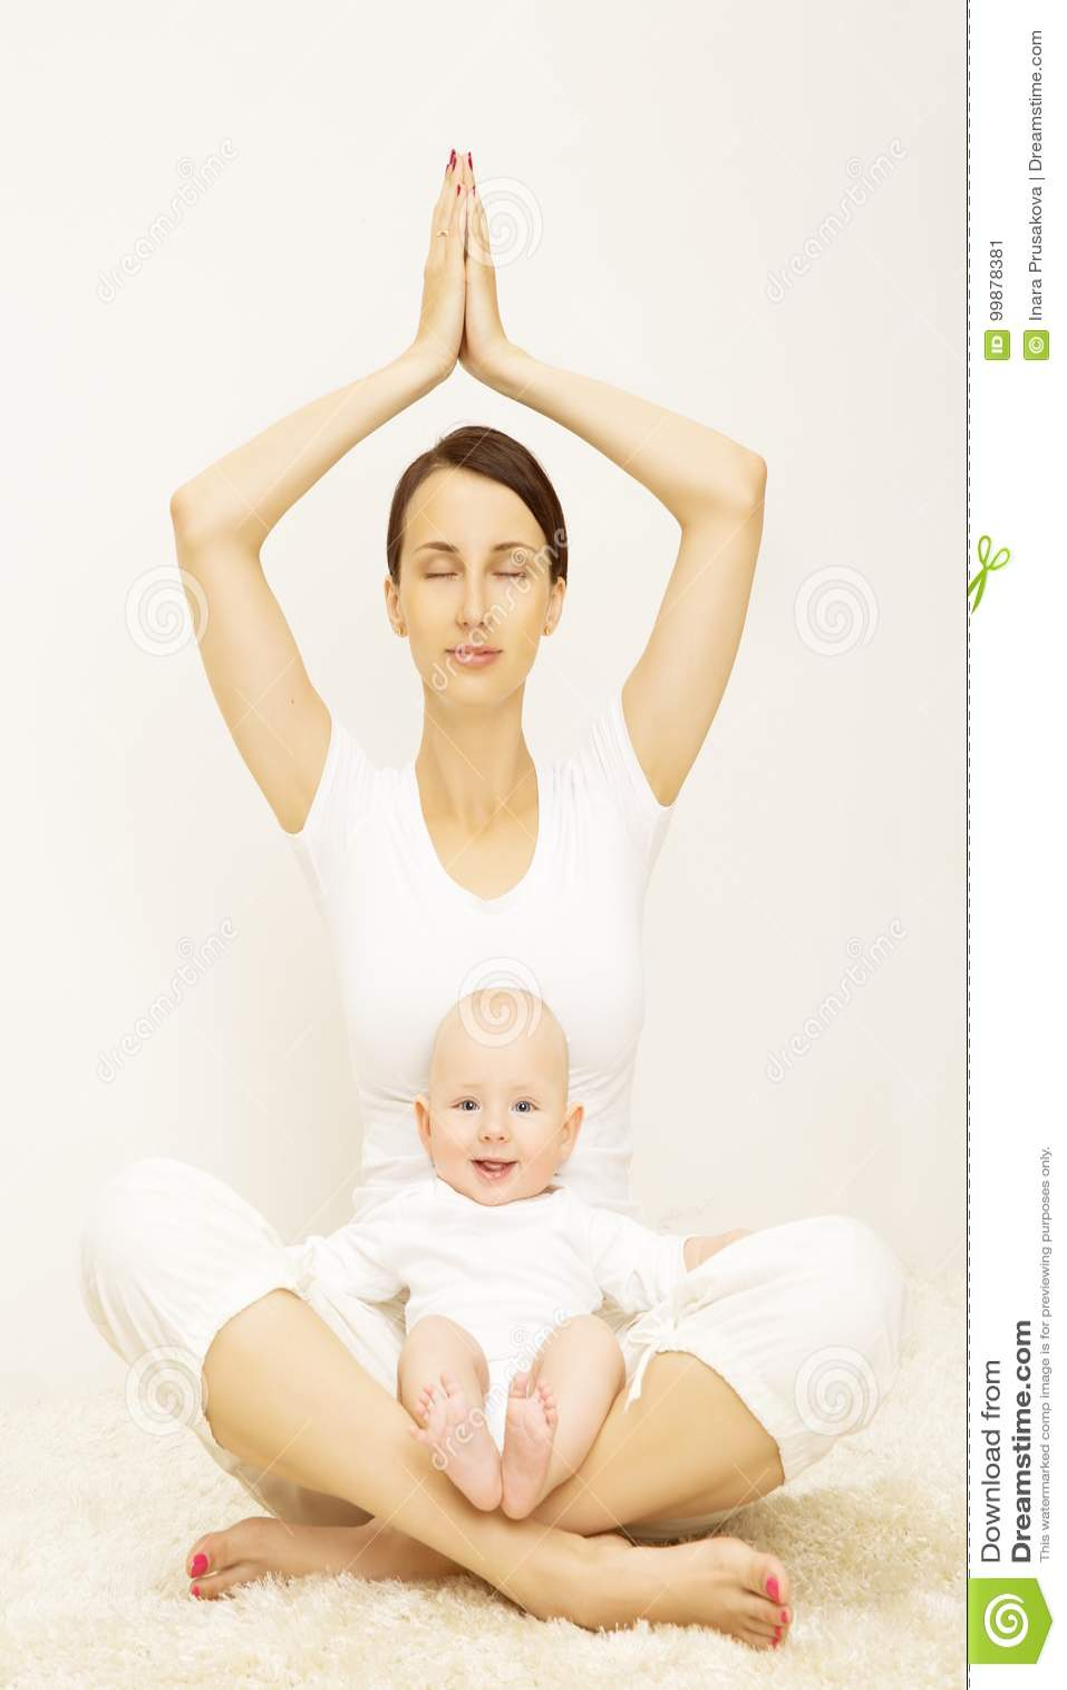 Yoga-Baby und Mutter, Sport-Übung für Kindermutter, Familie